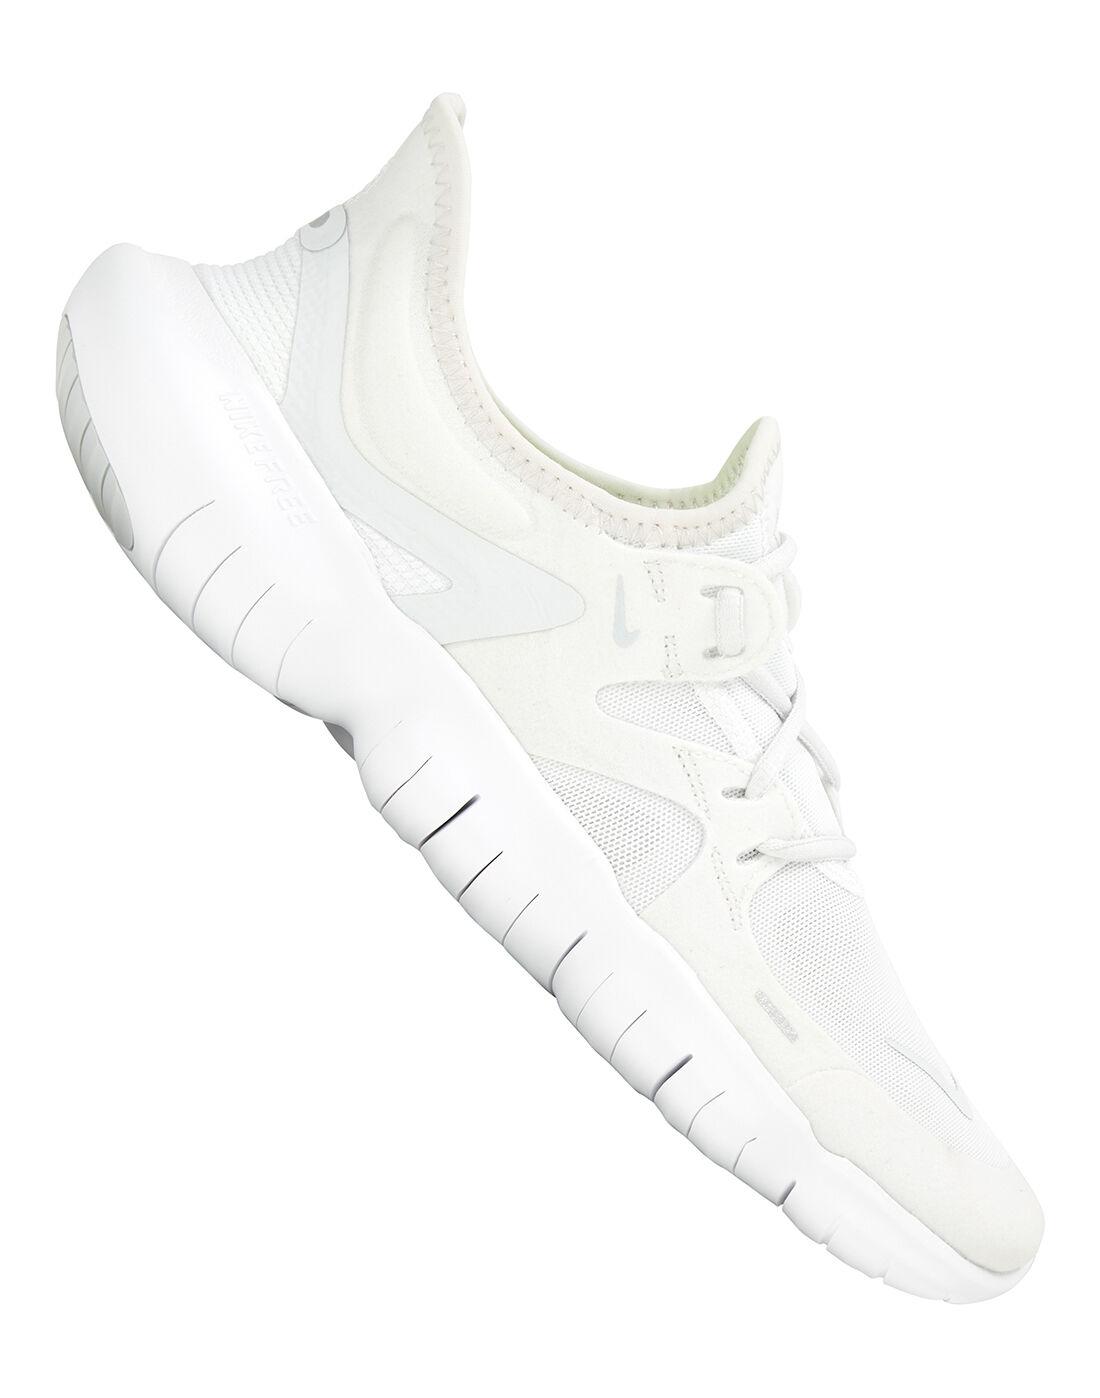 Nike Free Run 5.0 Ladies Running Shoes